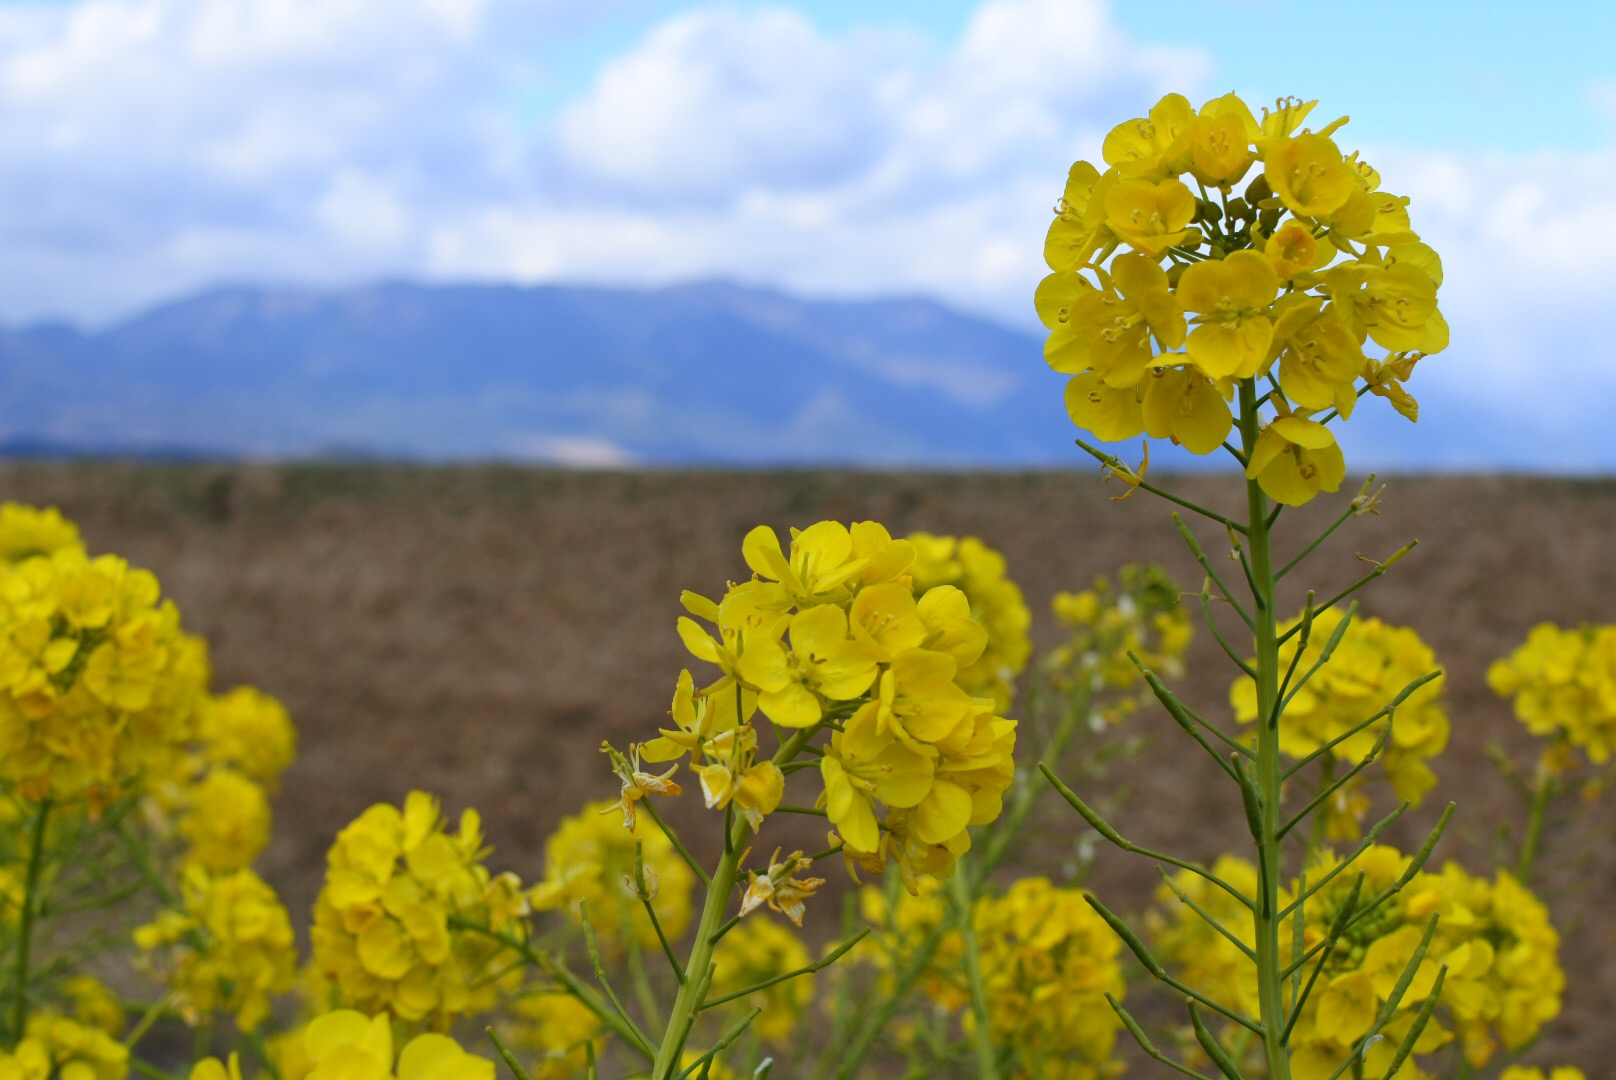 セローでお散歩 琵琶湖の湖畔に咲く 菜の花